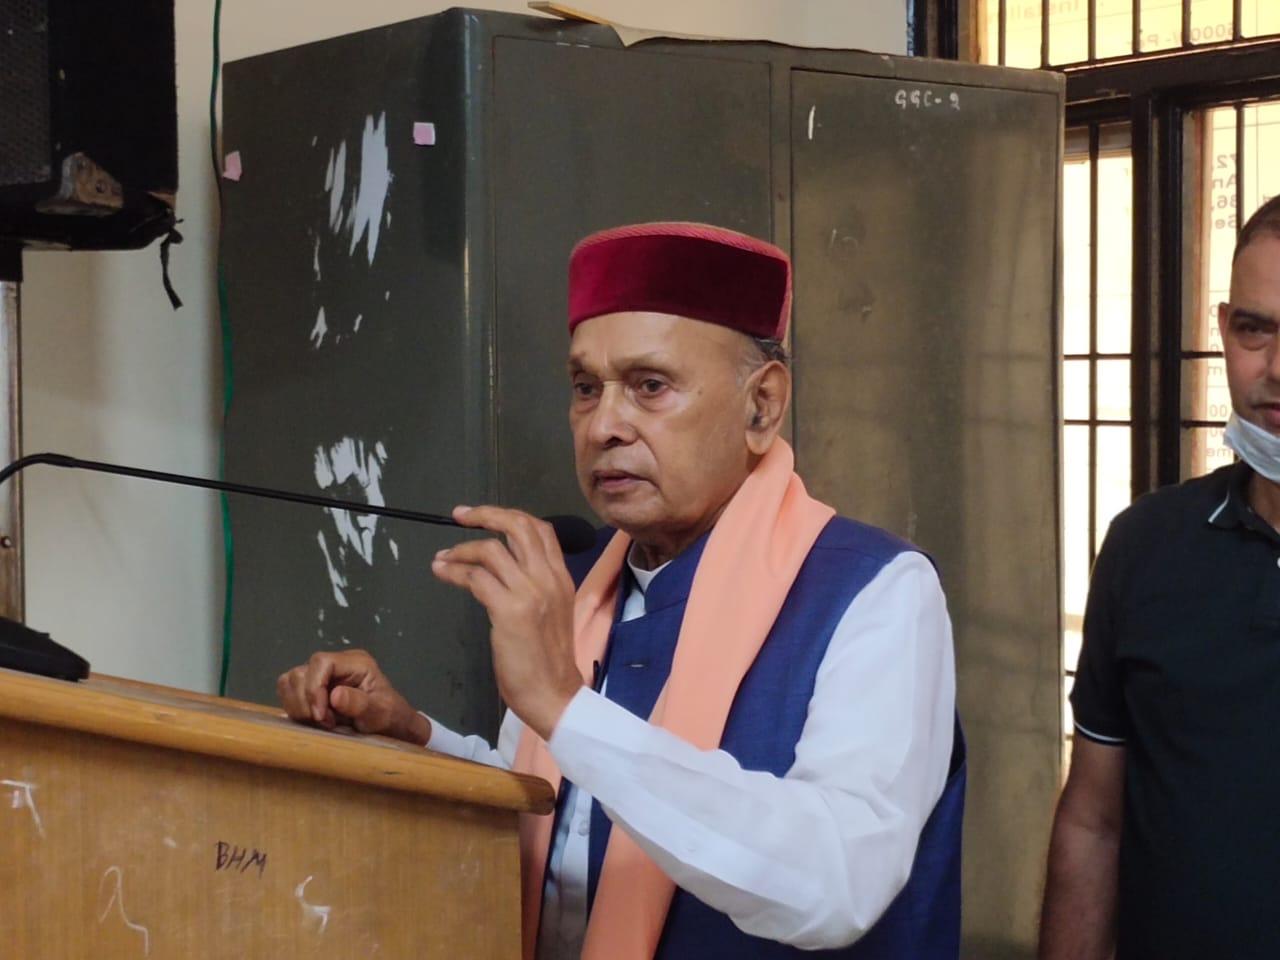 2017 में जो हुआ वो अब इतिहास है उससे लें सबक, फिर से बने भाजपा सरकार ऐसा माहौल खड़ा करें- प्रो धूमल